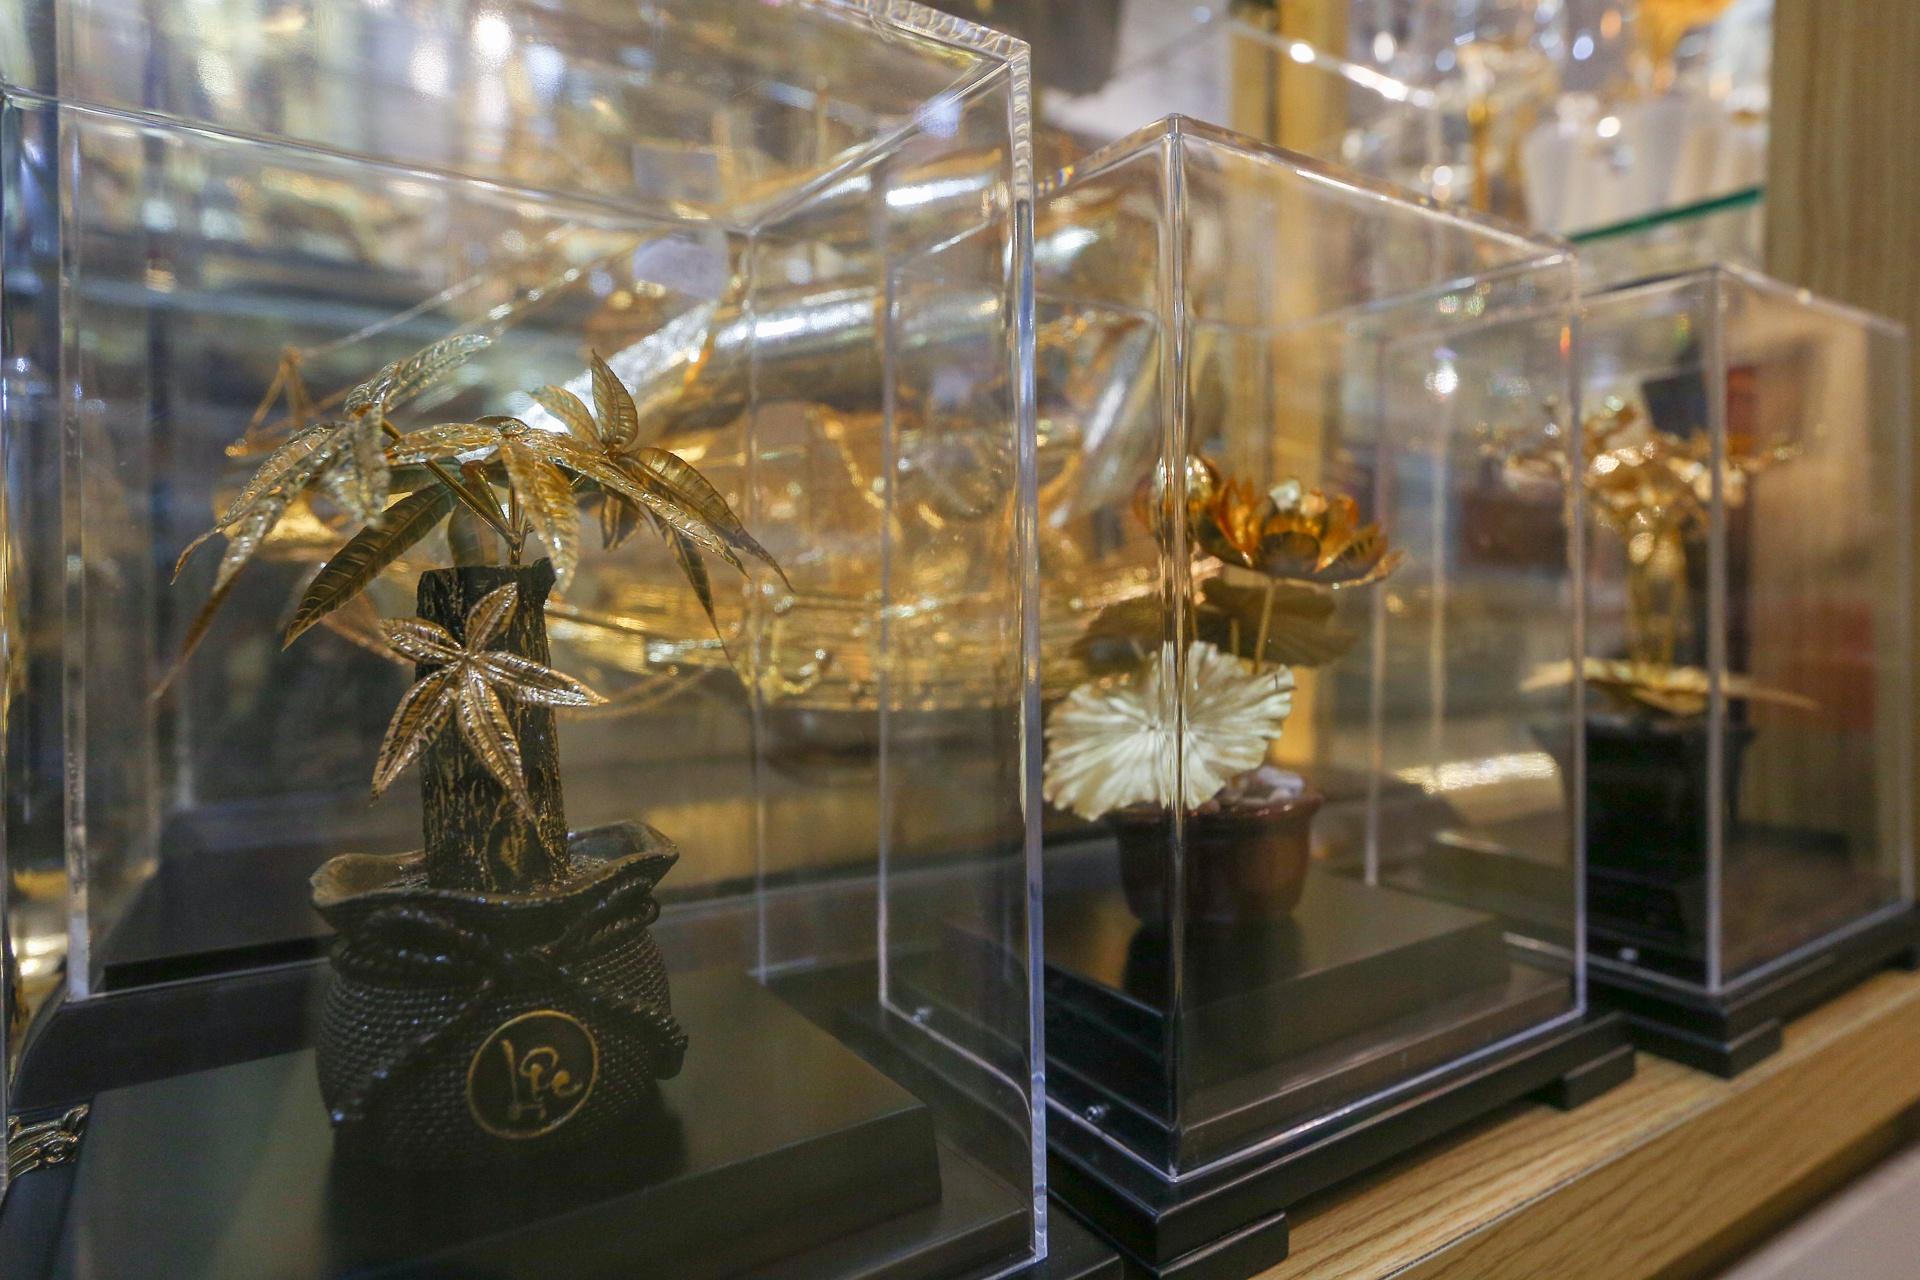 Hoa mạ vàng tiền triệu ngập tràn thị trường quà tặng ngày 8/3 - Ảnh 7.